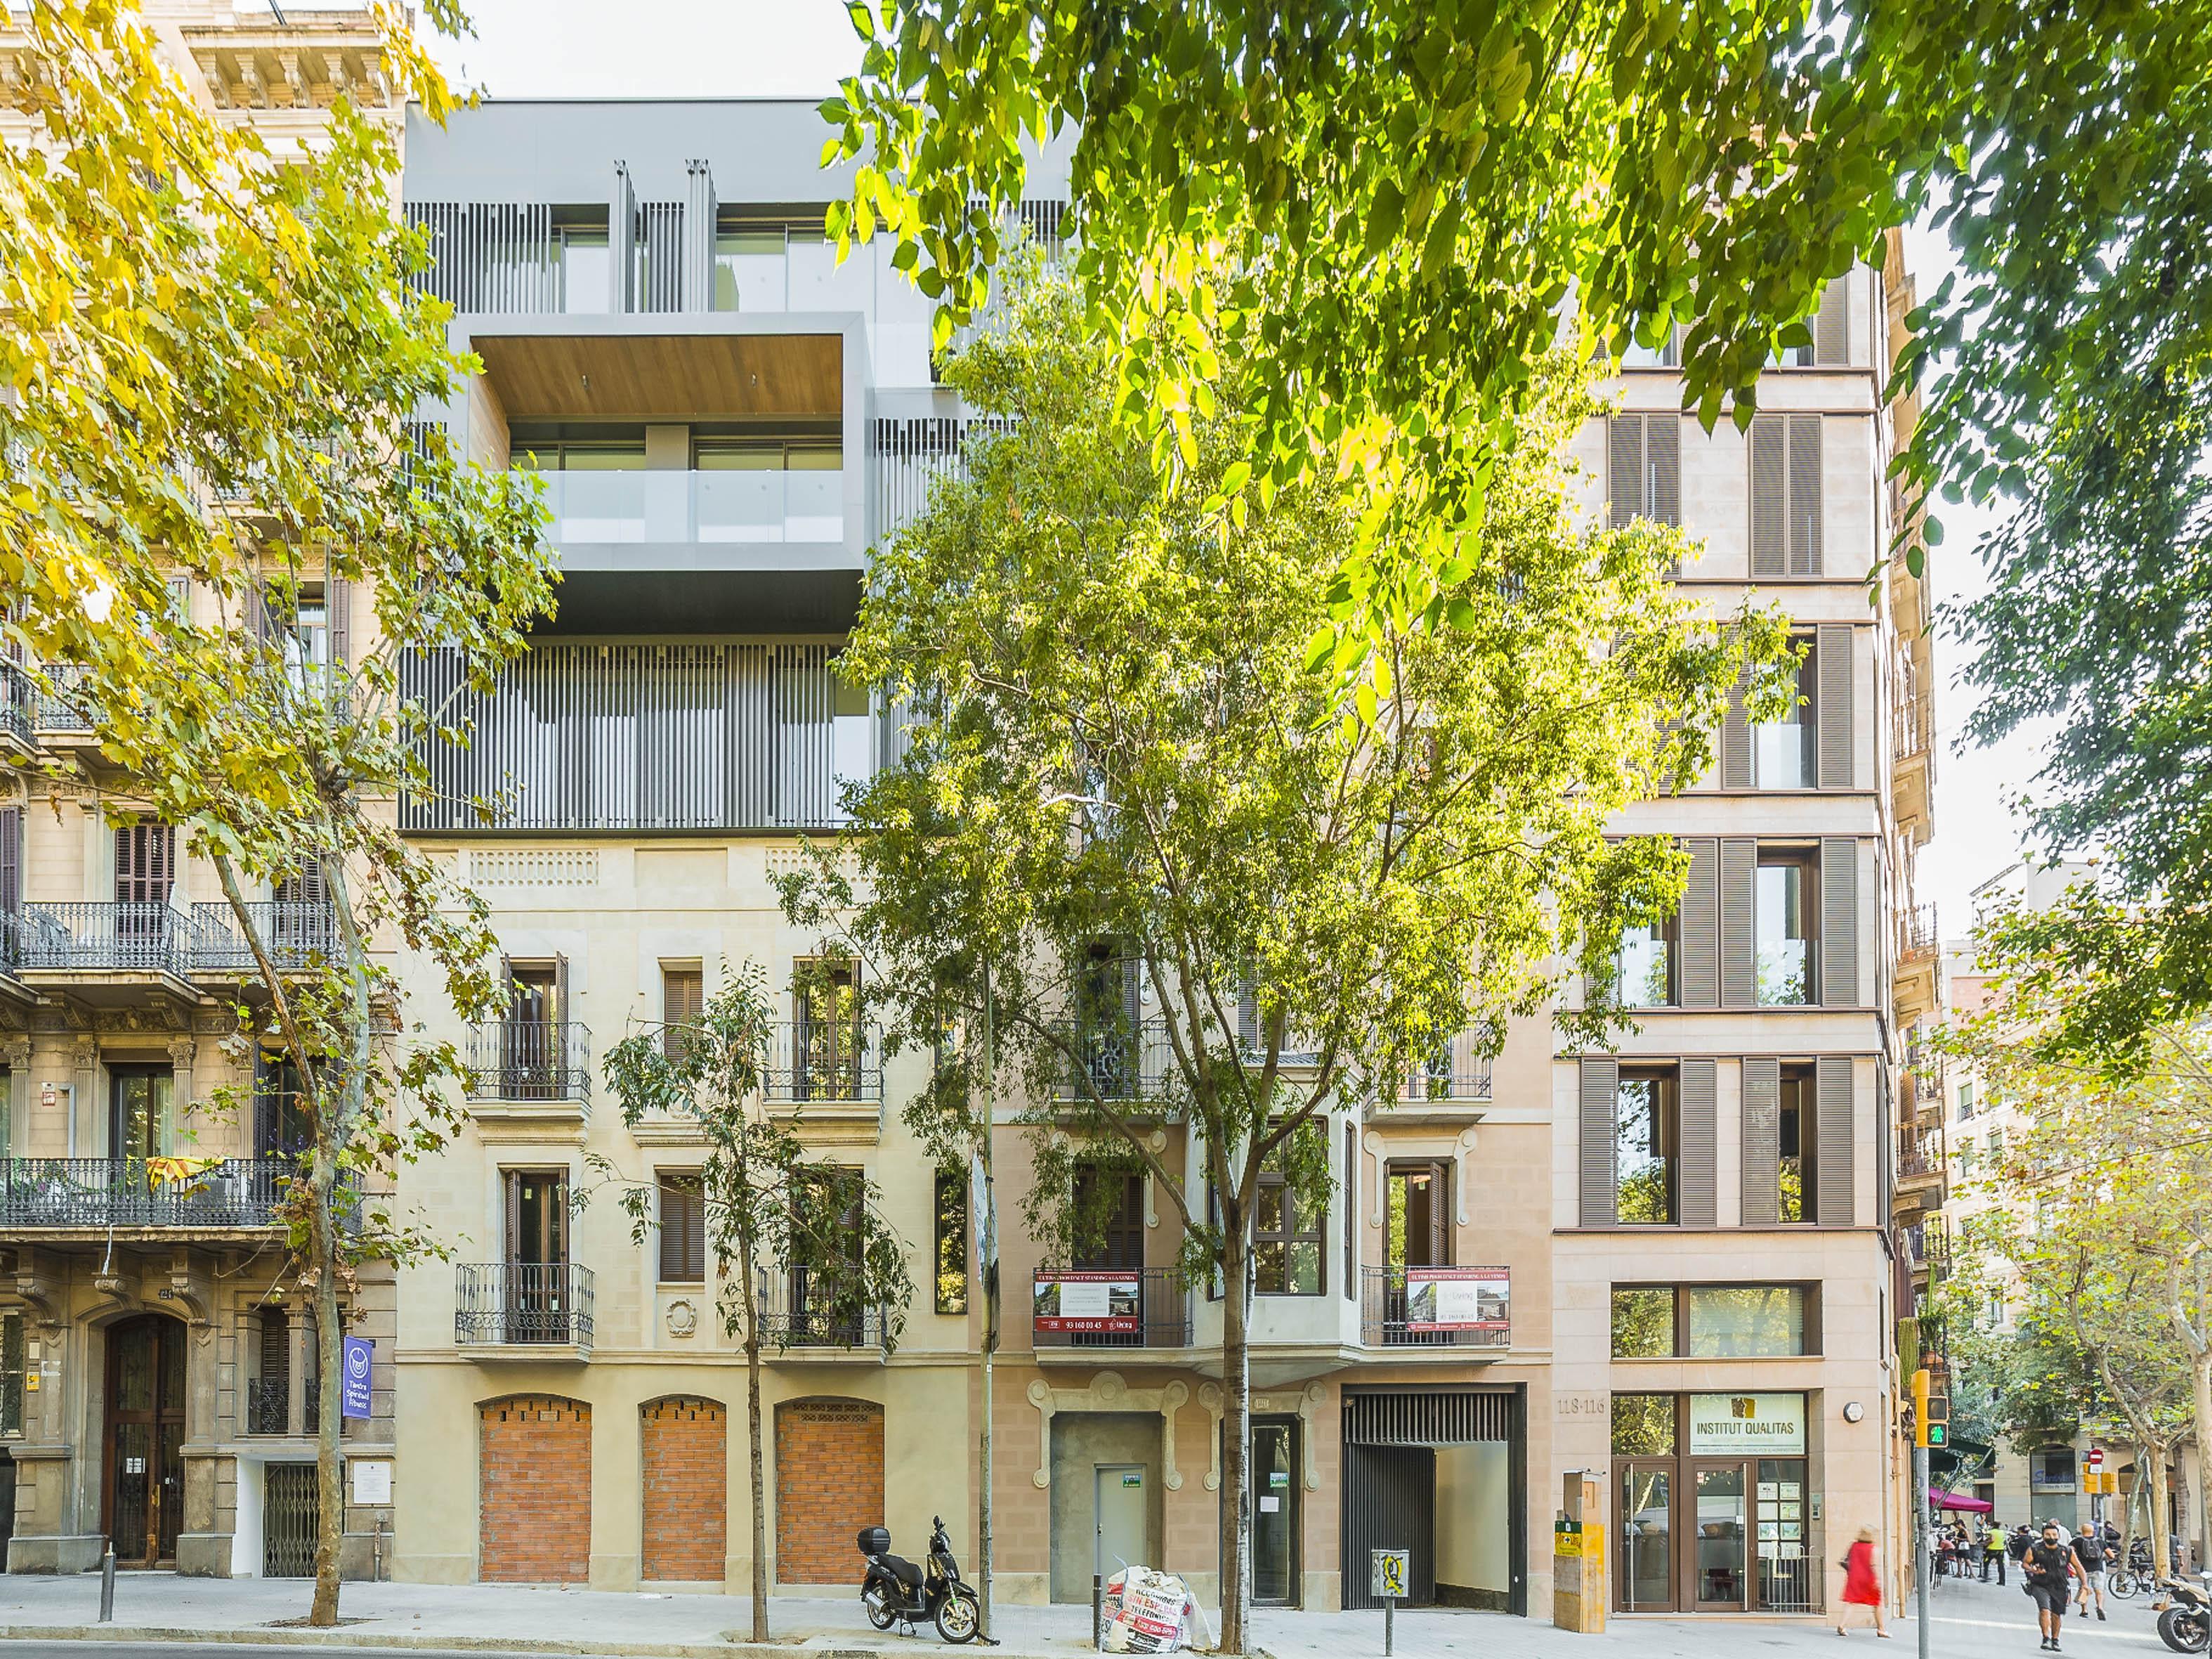 251949 Apartment for sale in Eixample, Antiga Esquerre Eixample 3